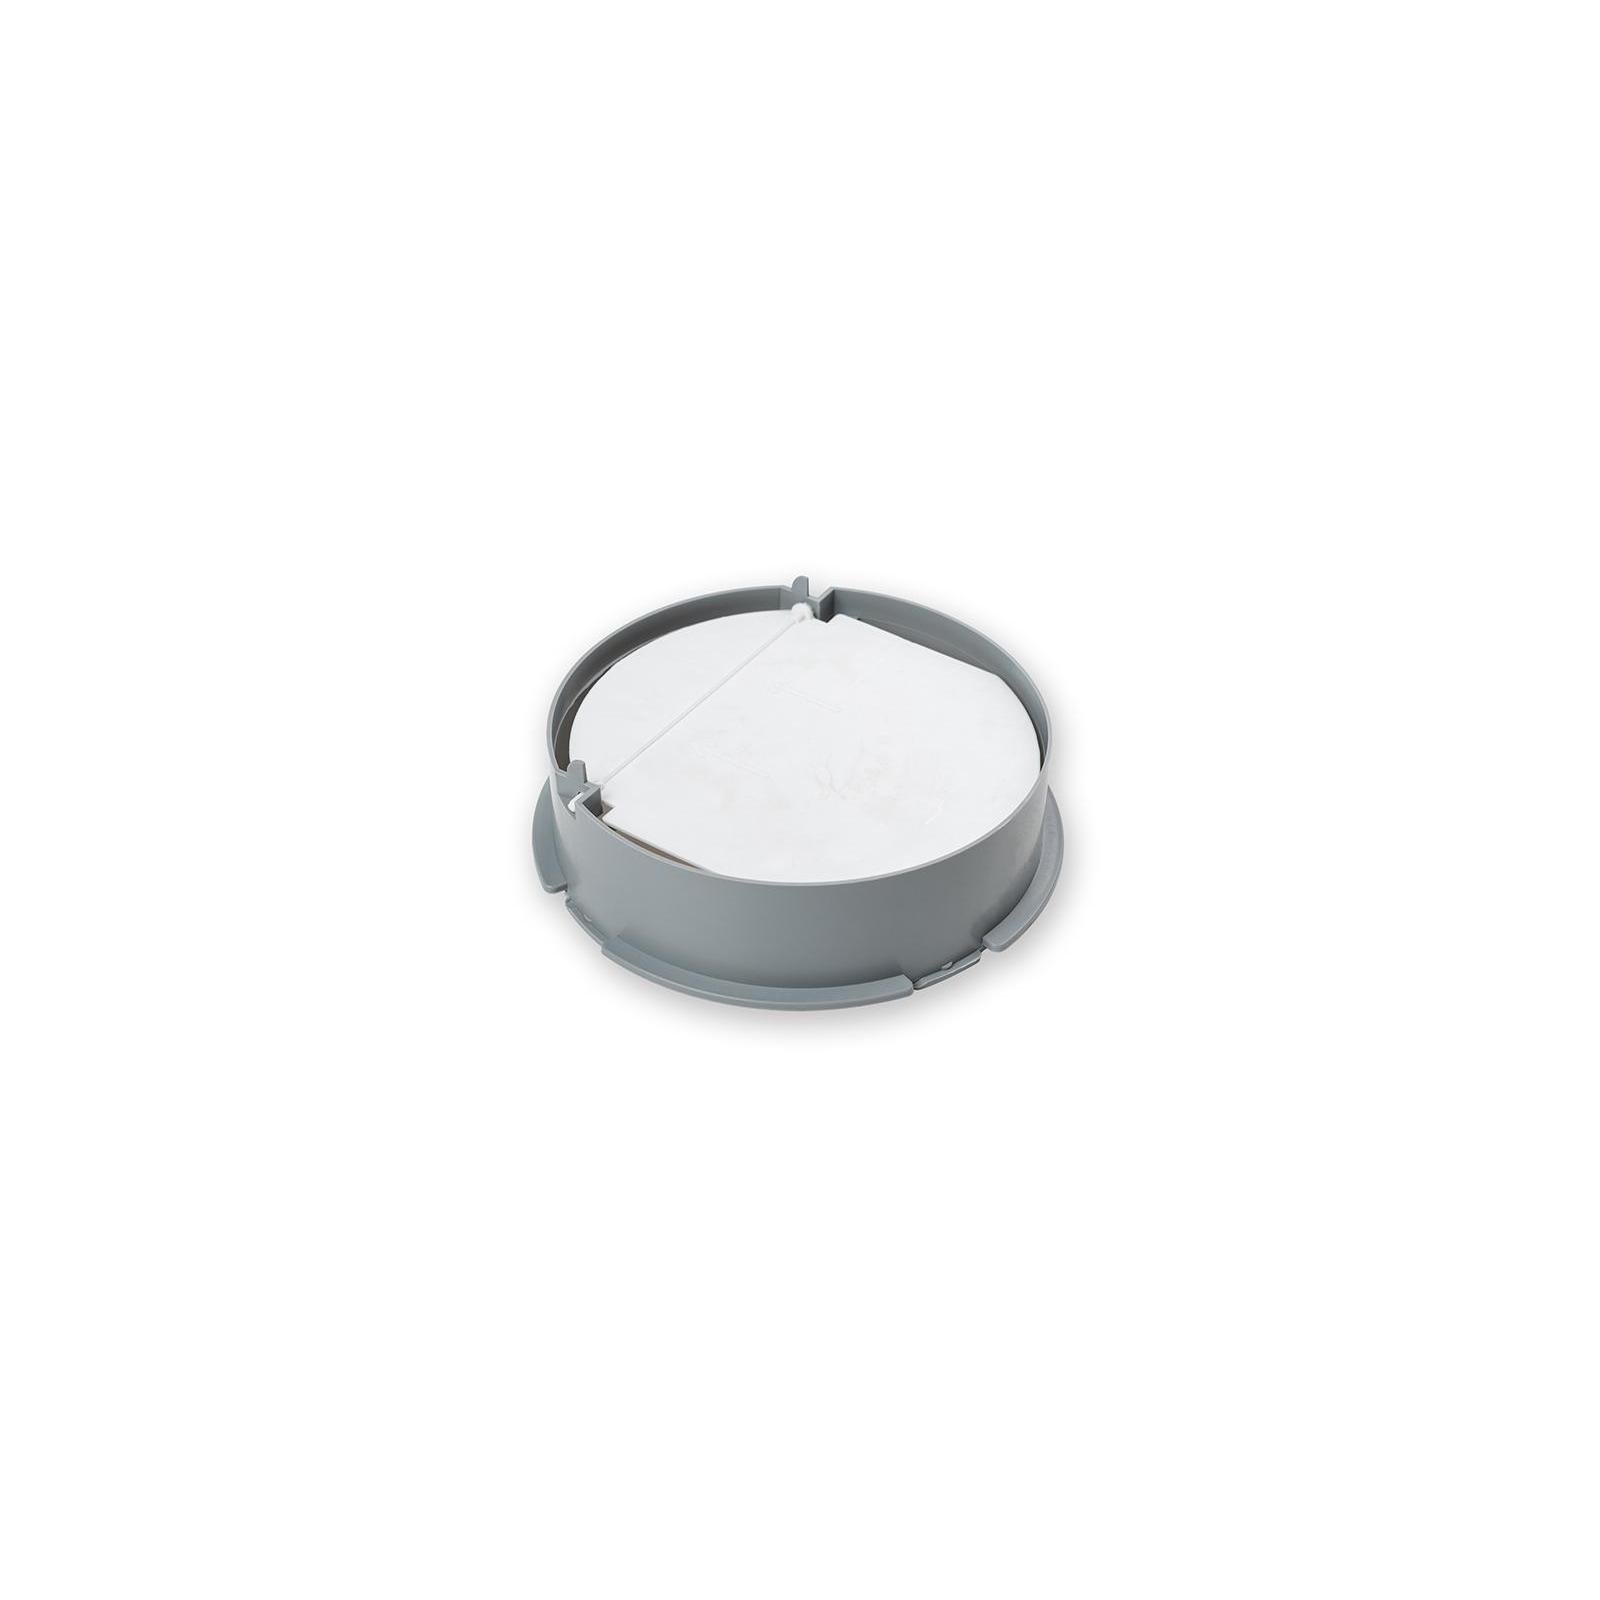 Вытяжка кухонная MINOLA HBI 5321 I 750 изображение 8